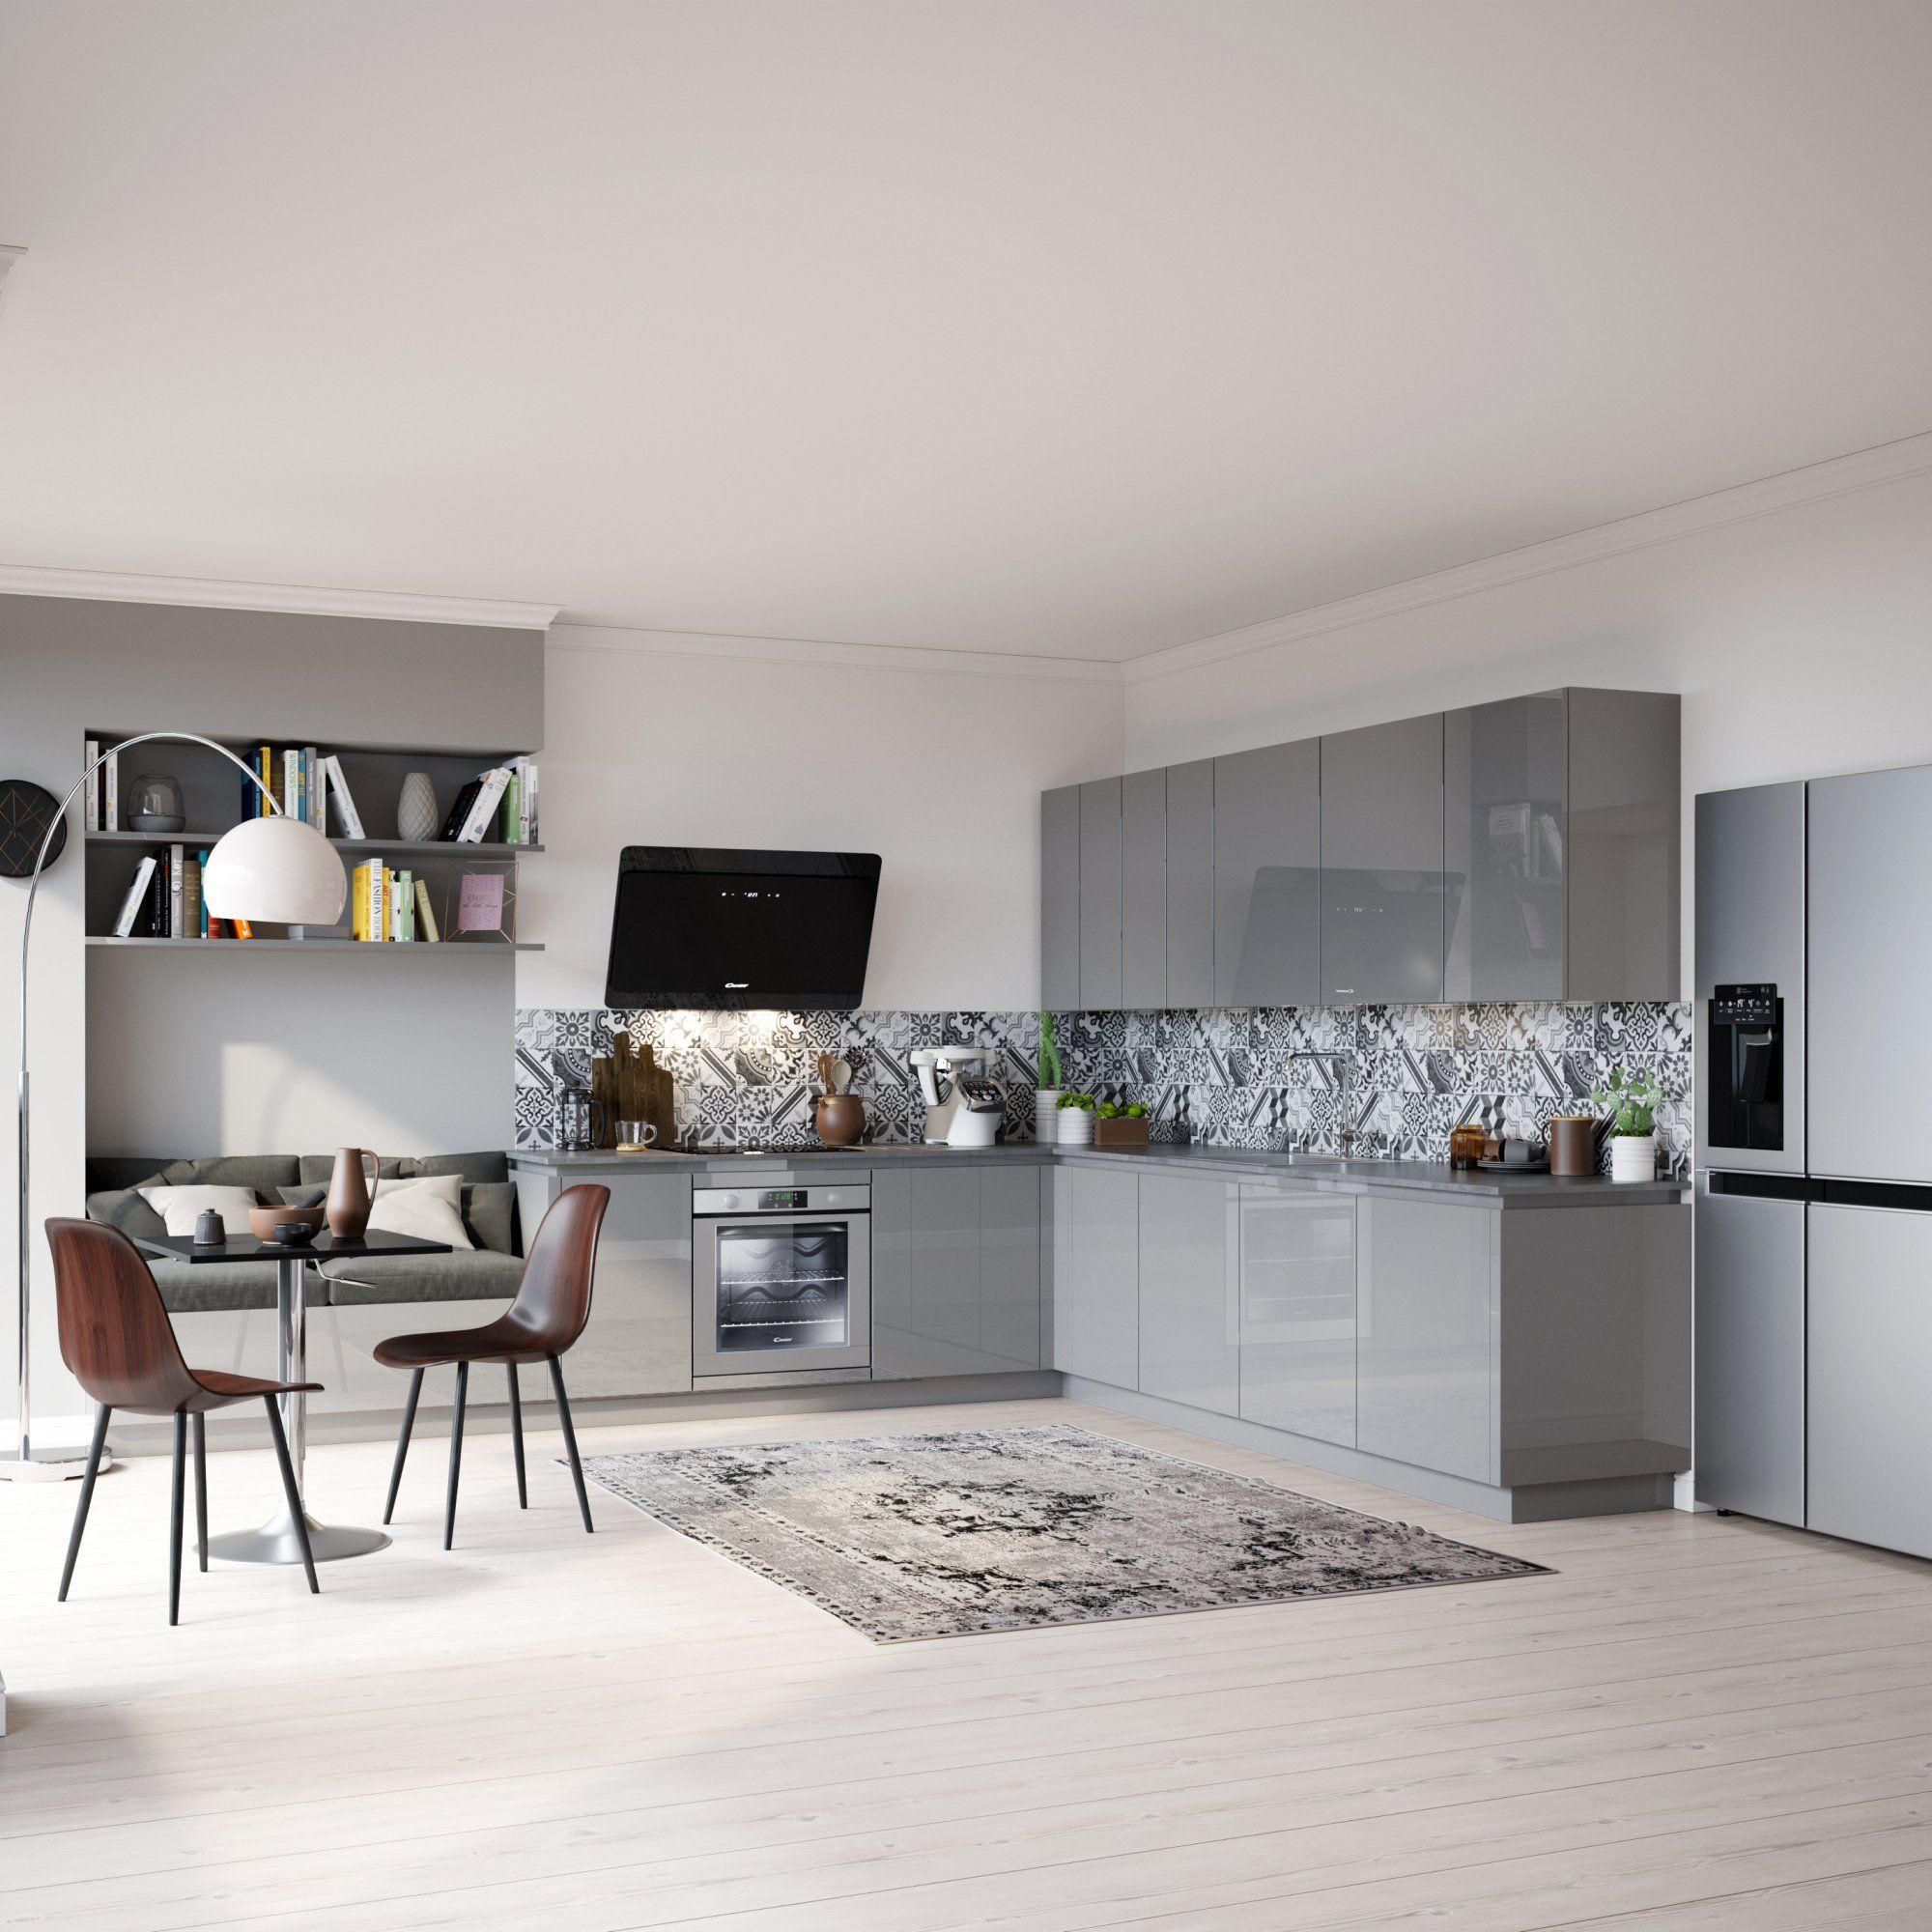 Cuisine Ouverte Grise Avec Carreaux De Ciment Pour La Crédence Et Un - Carrelage cuisine et tapis rose et taupe